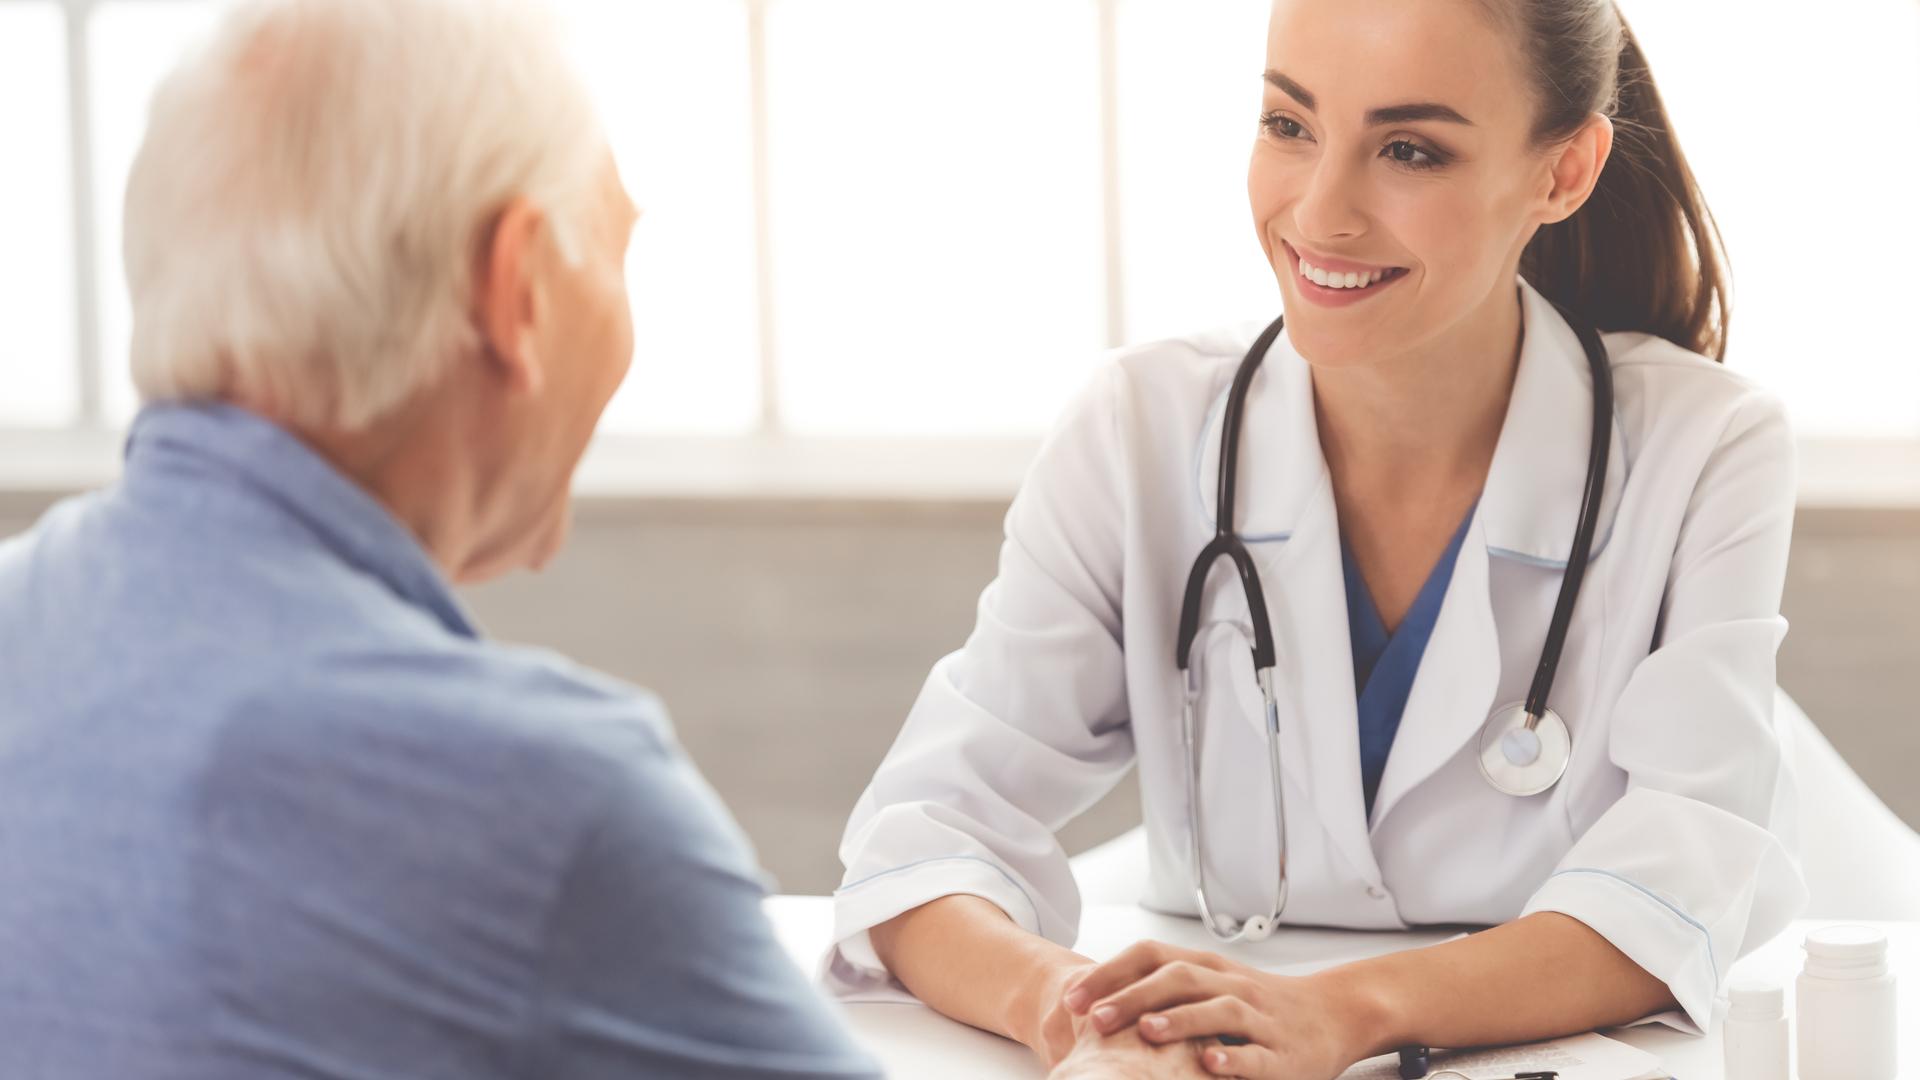 medico preventivo